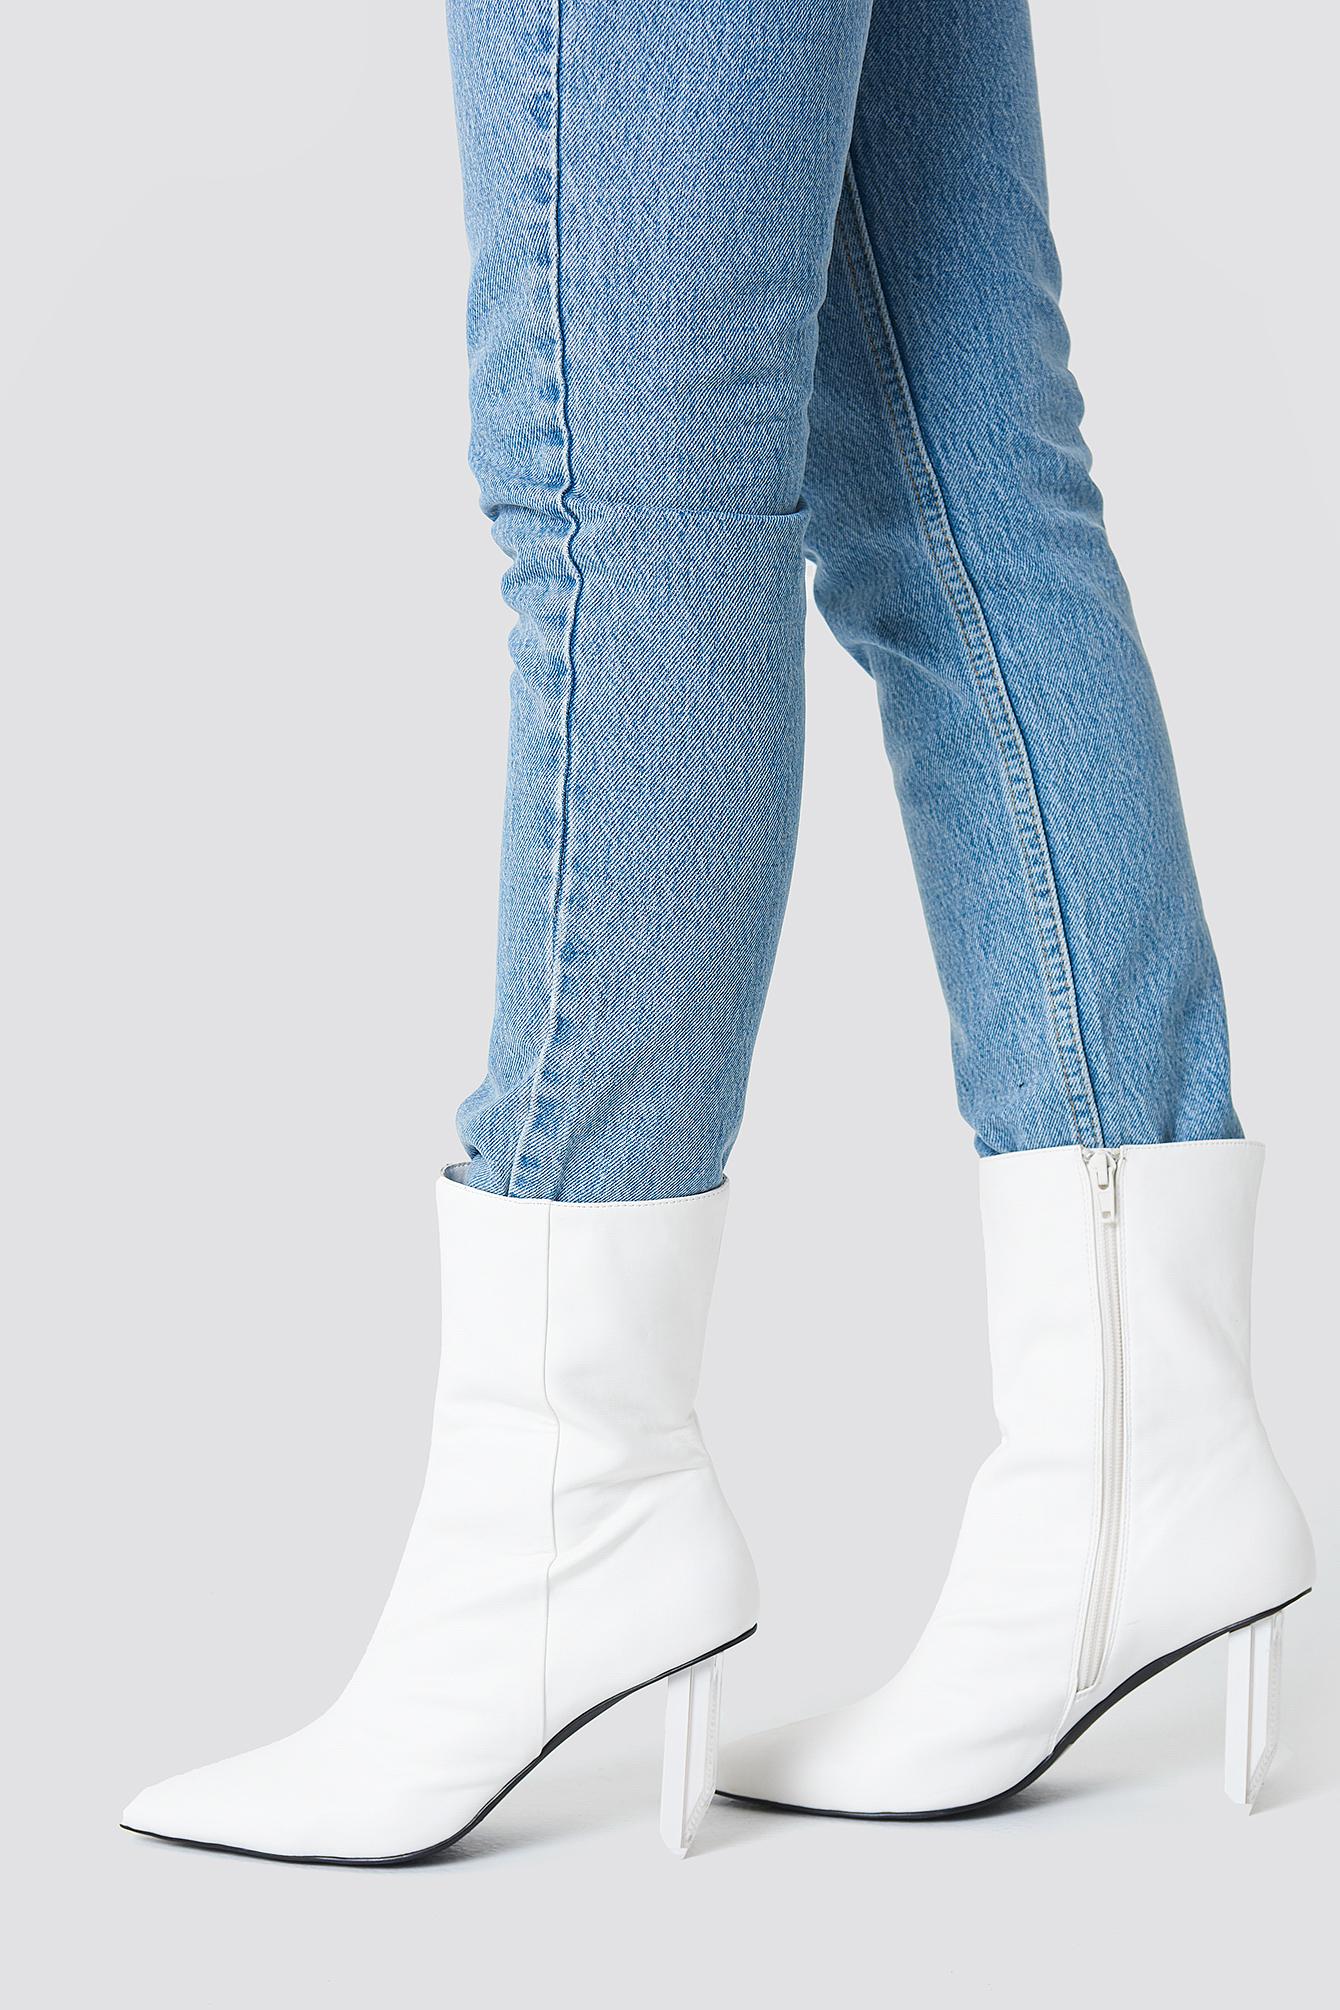 NA-KD Asymmetric Heel Boots Livraison Gratuite En Édition Limitée Sites En Ligne Pas Cher uYaLFb6